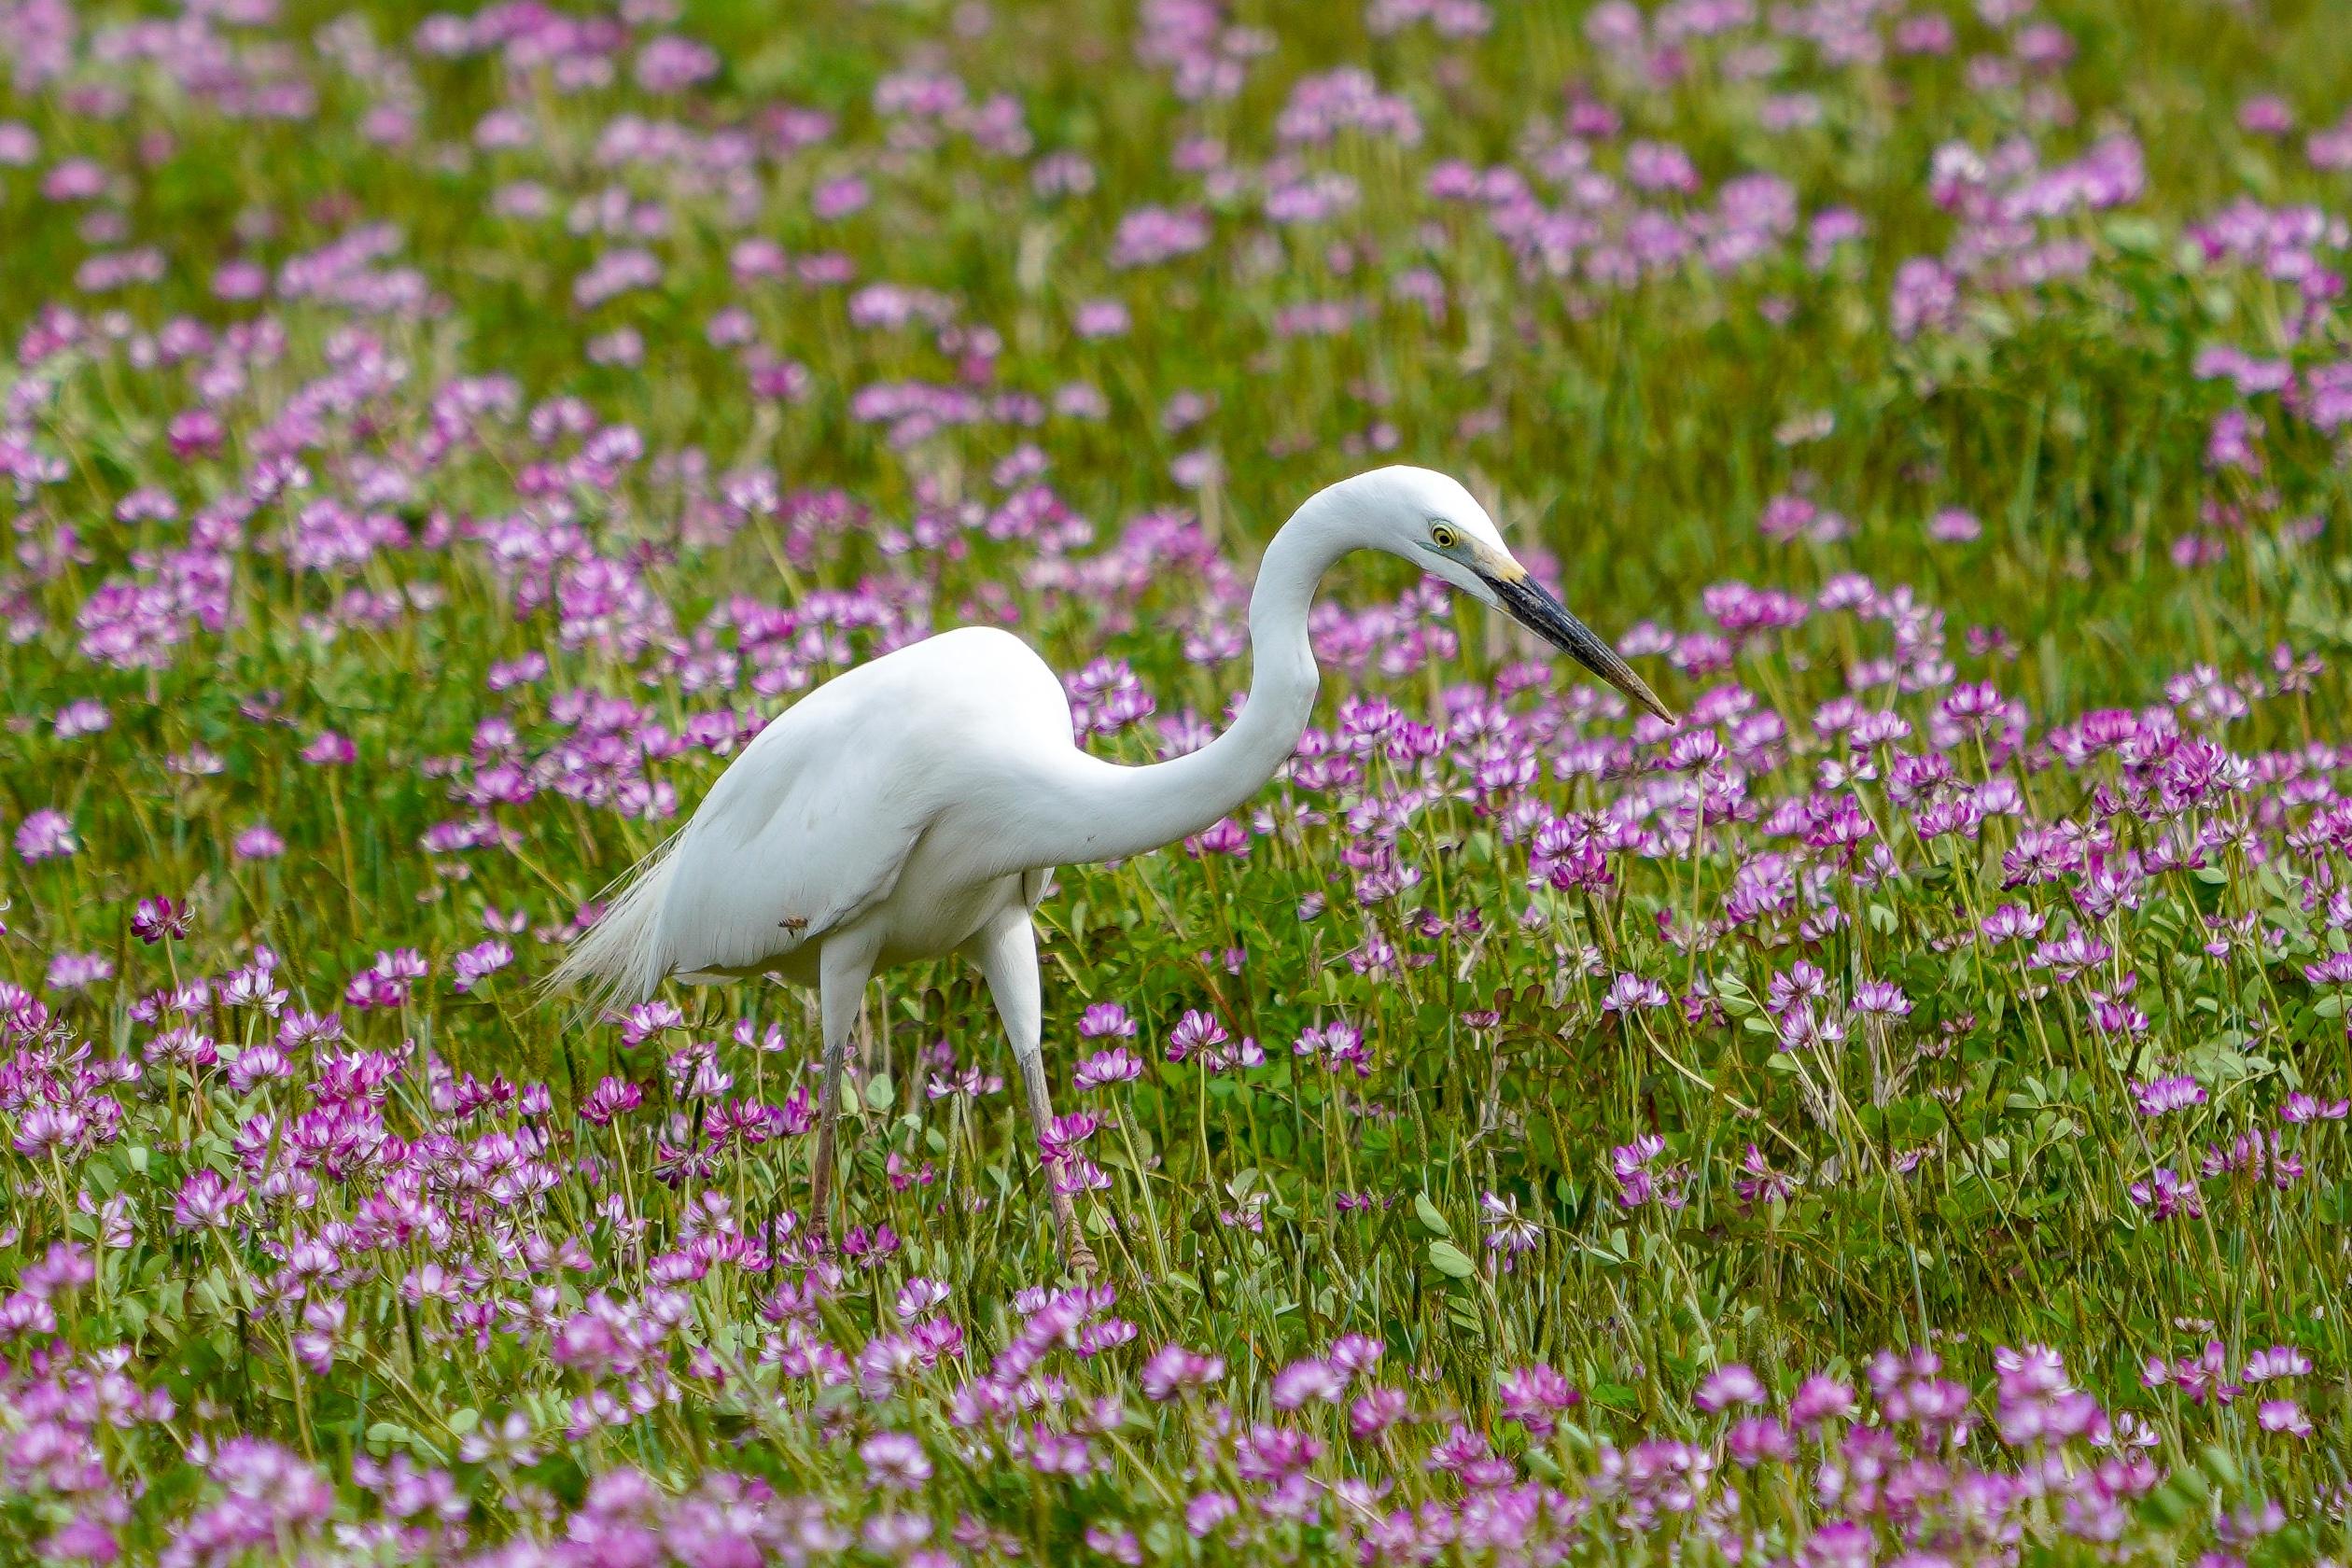 ダイサギ Great Egret 80-104cm